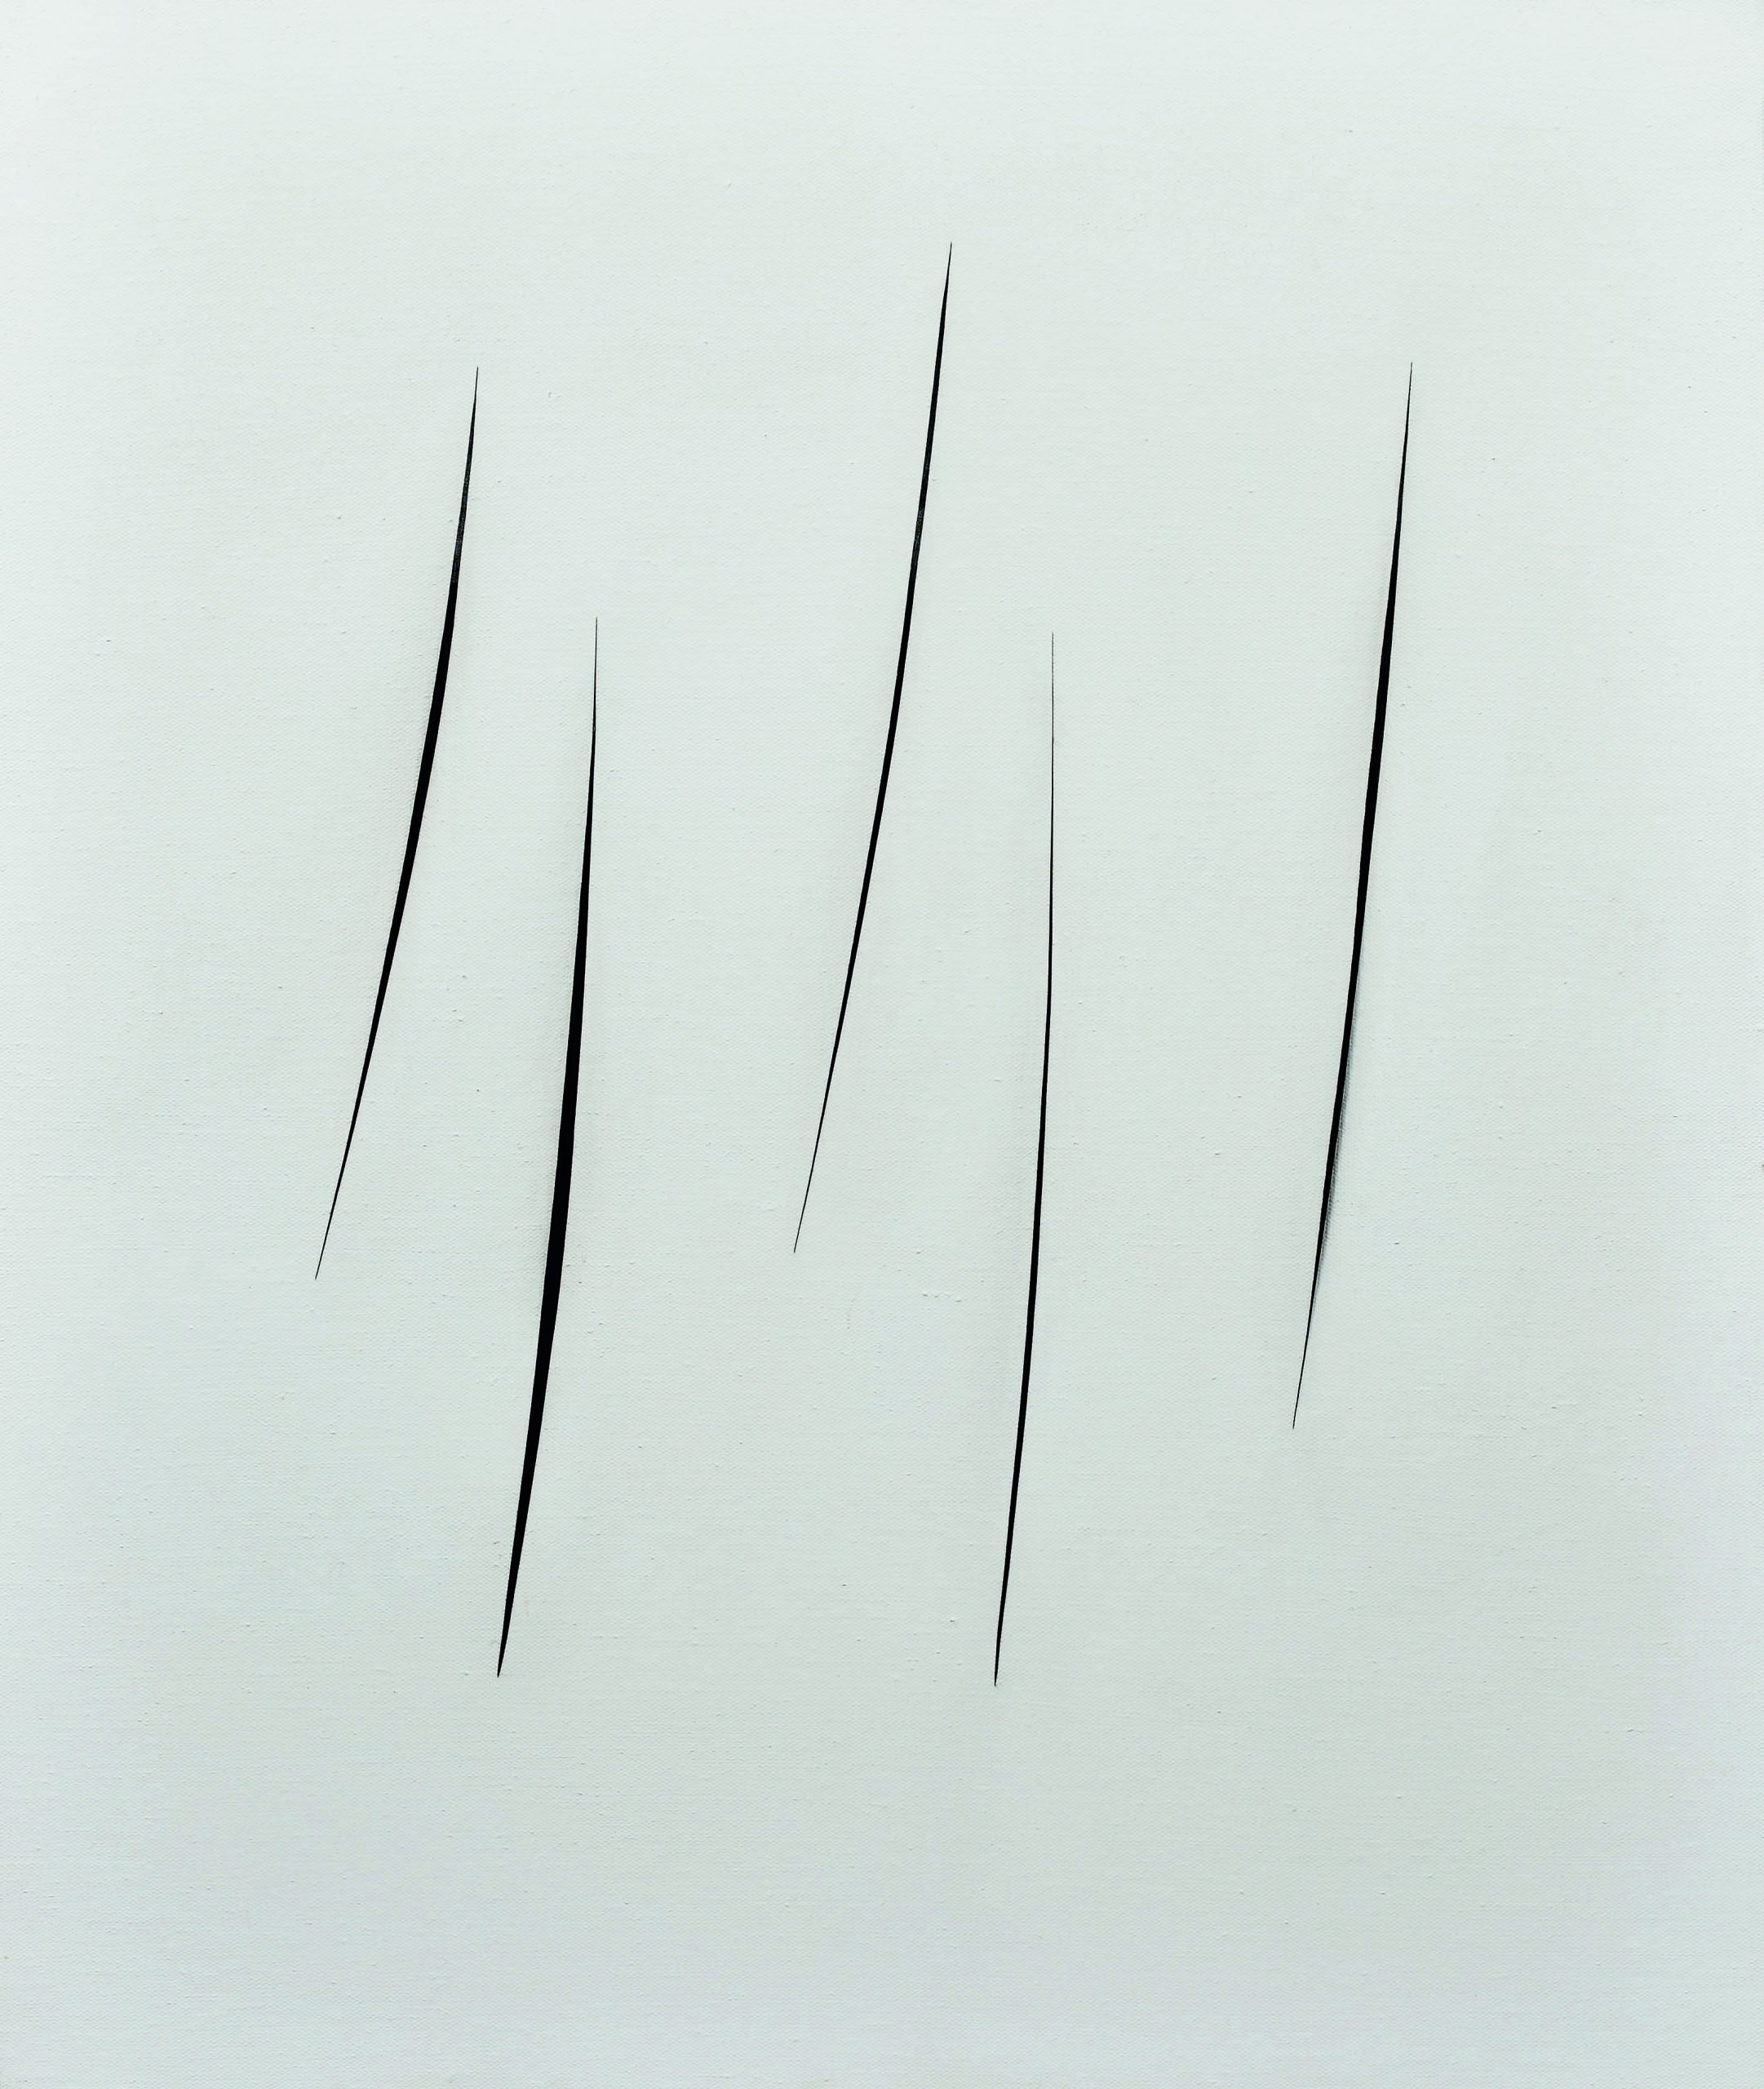 Lucio Fontana, Concetto spaziale, Attese, 1965, hydro peinture sur toile, 100x81 cm